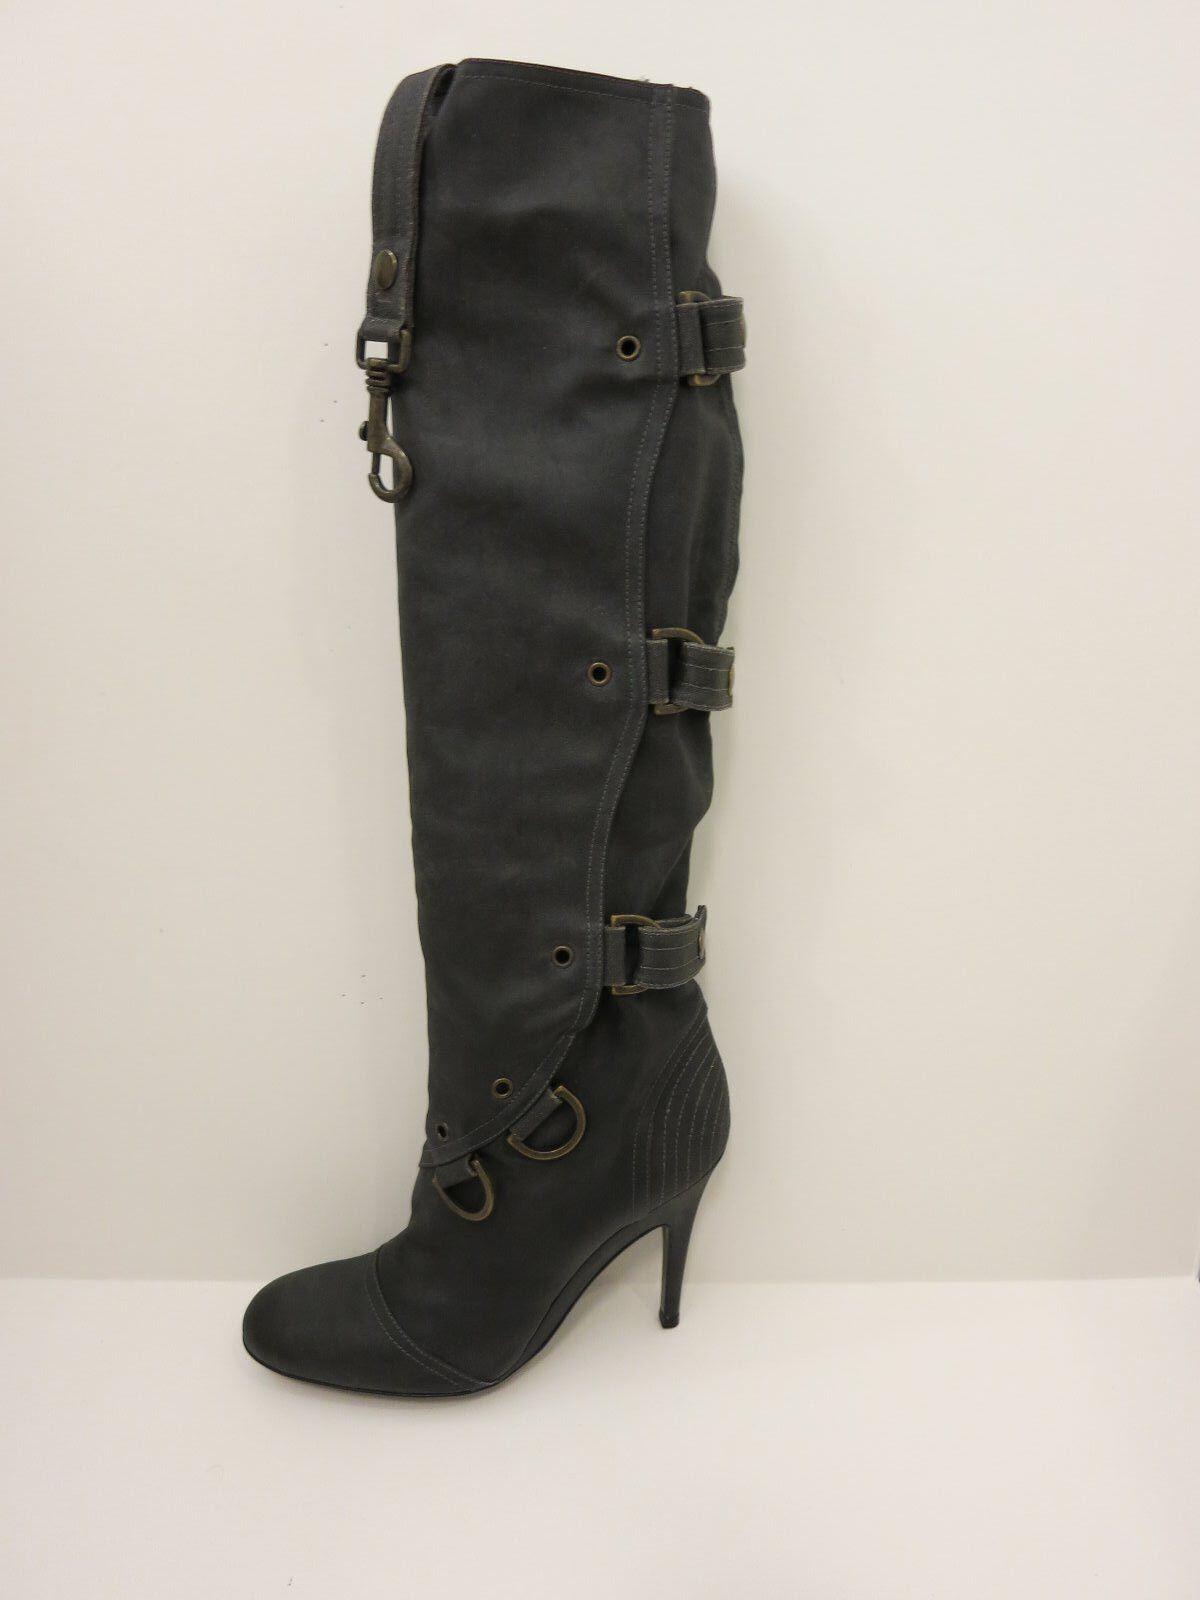 Stella McCartney Steel gris Knee-High Coated Canvas botas botas botas IT 38.5 US 8  1085 NIB  tiendas minoristas